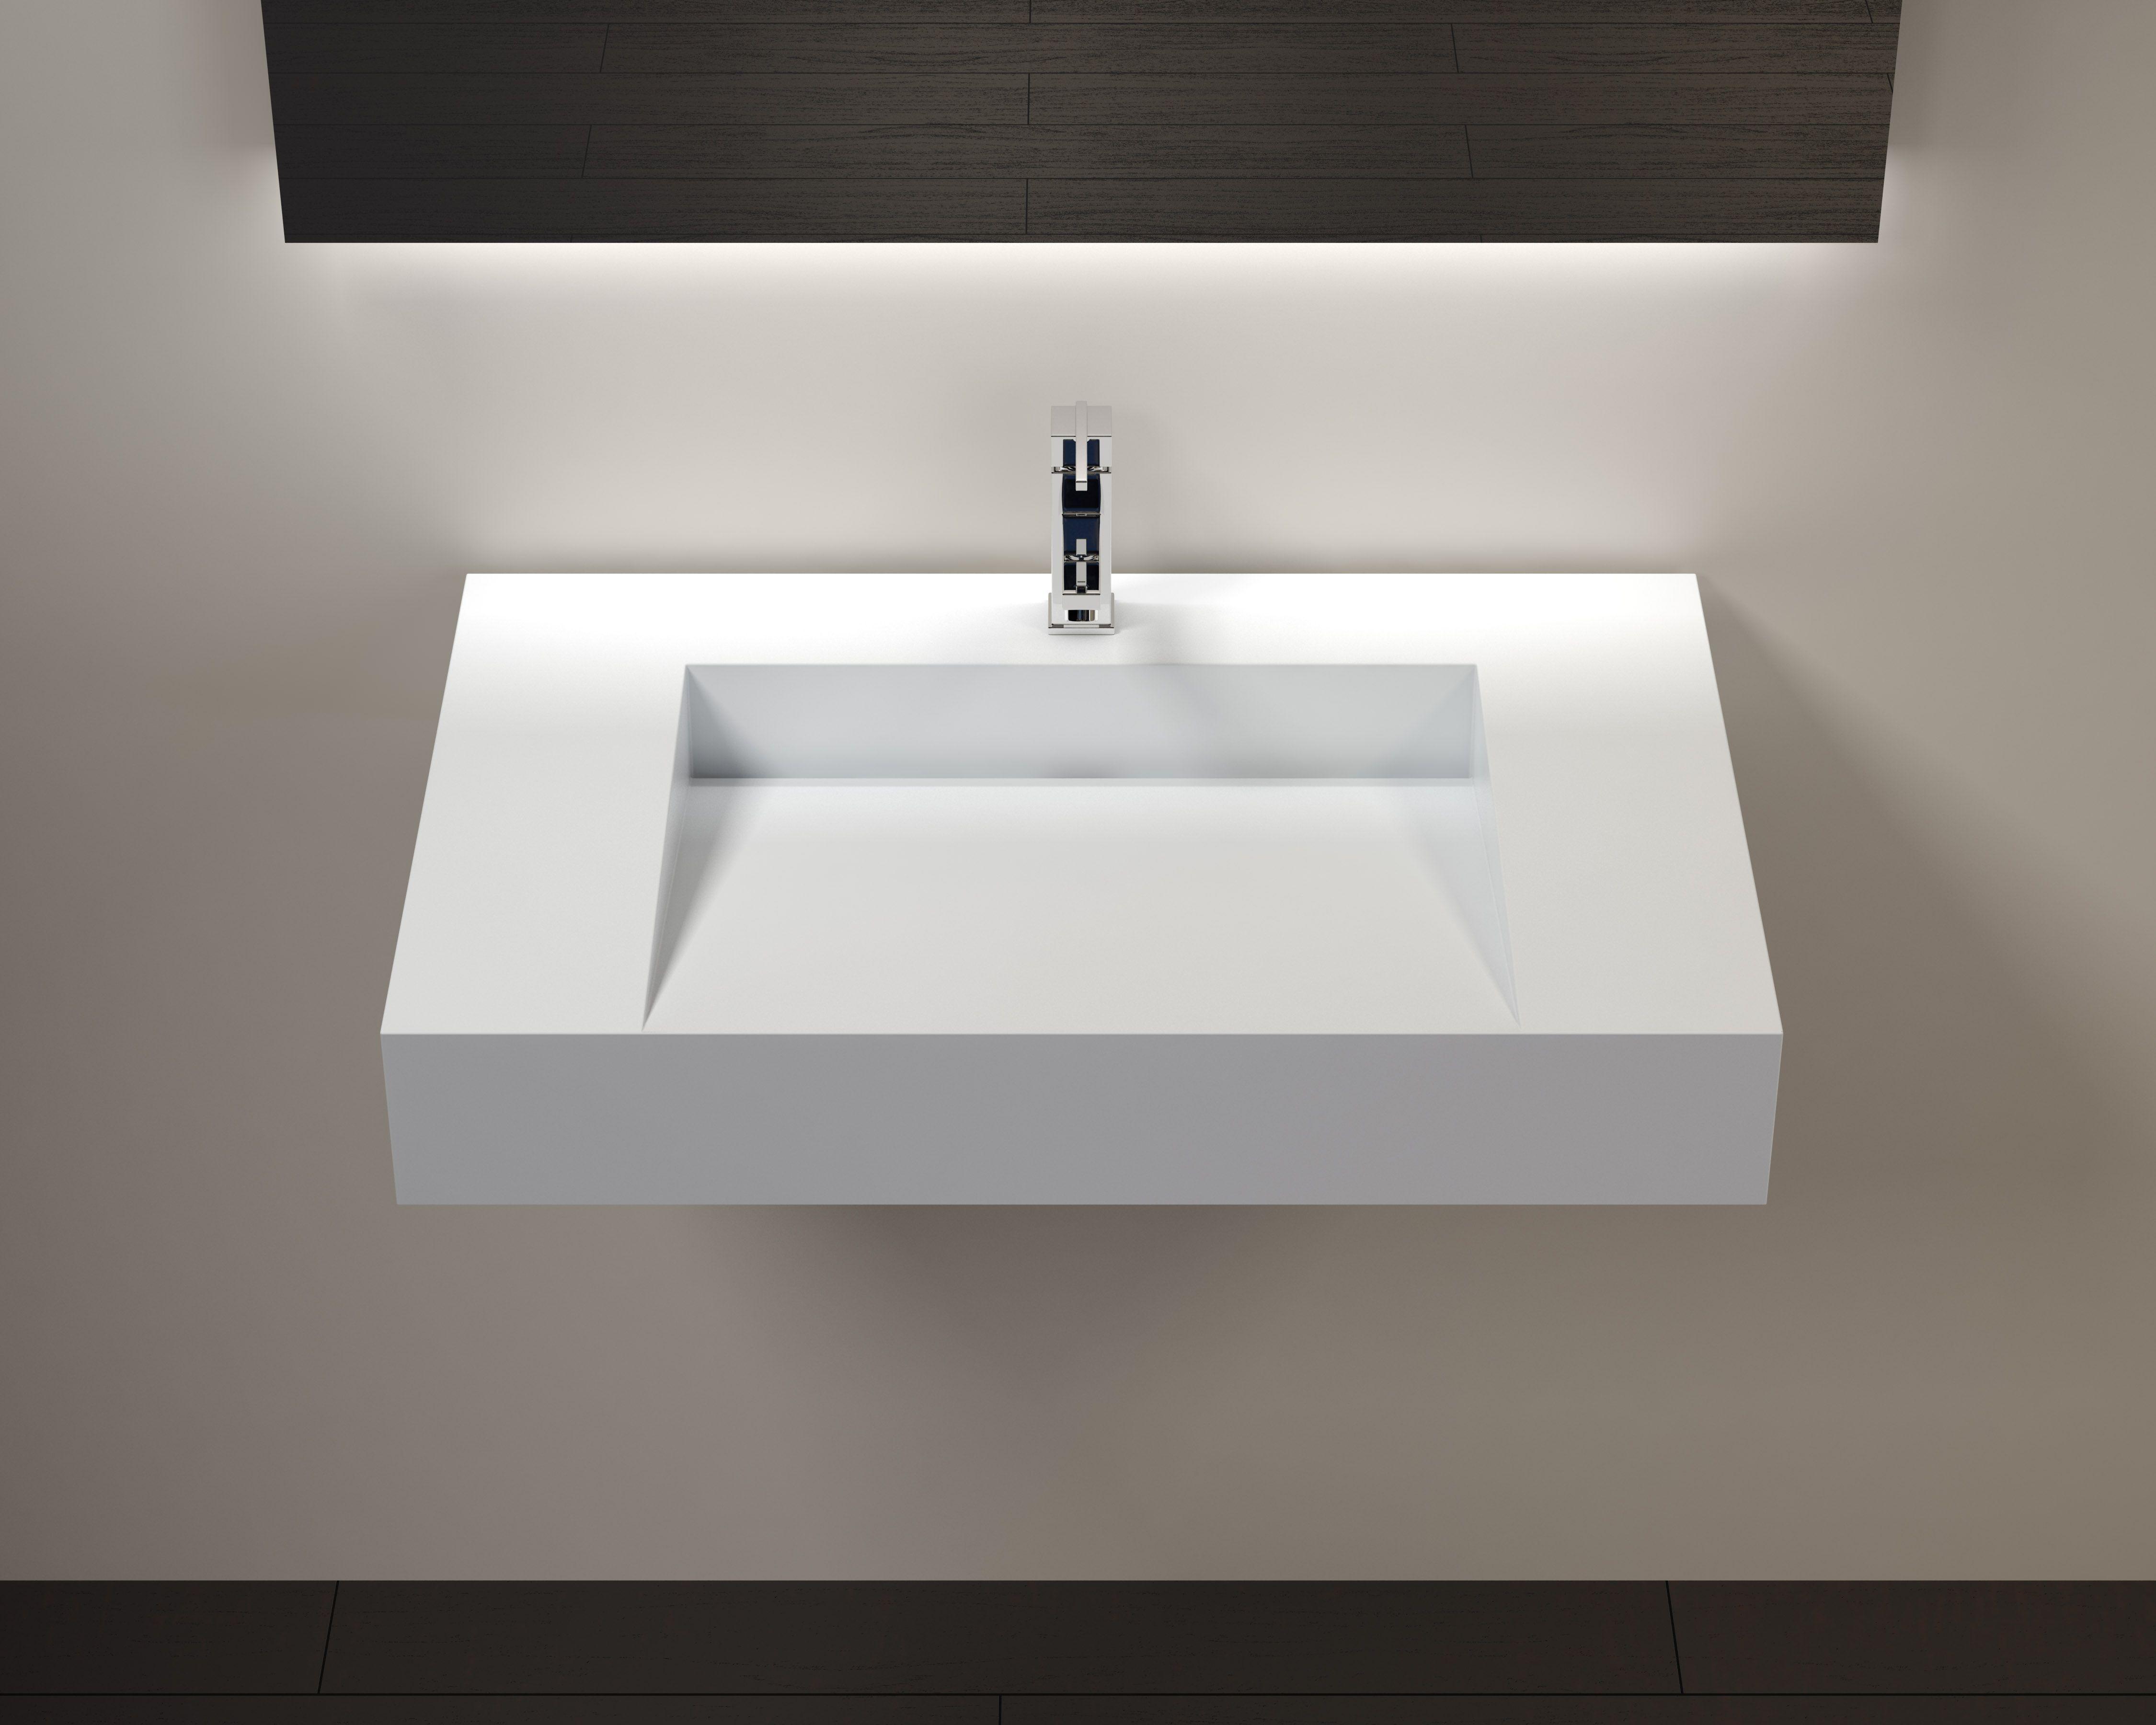 Wall Mounted Sink Wt 04 D Wall Mounted Bathroom Sinks Bathroom